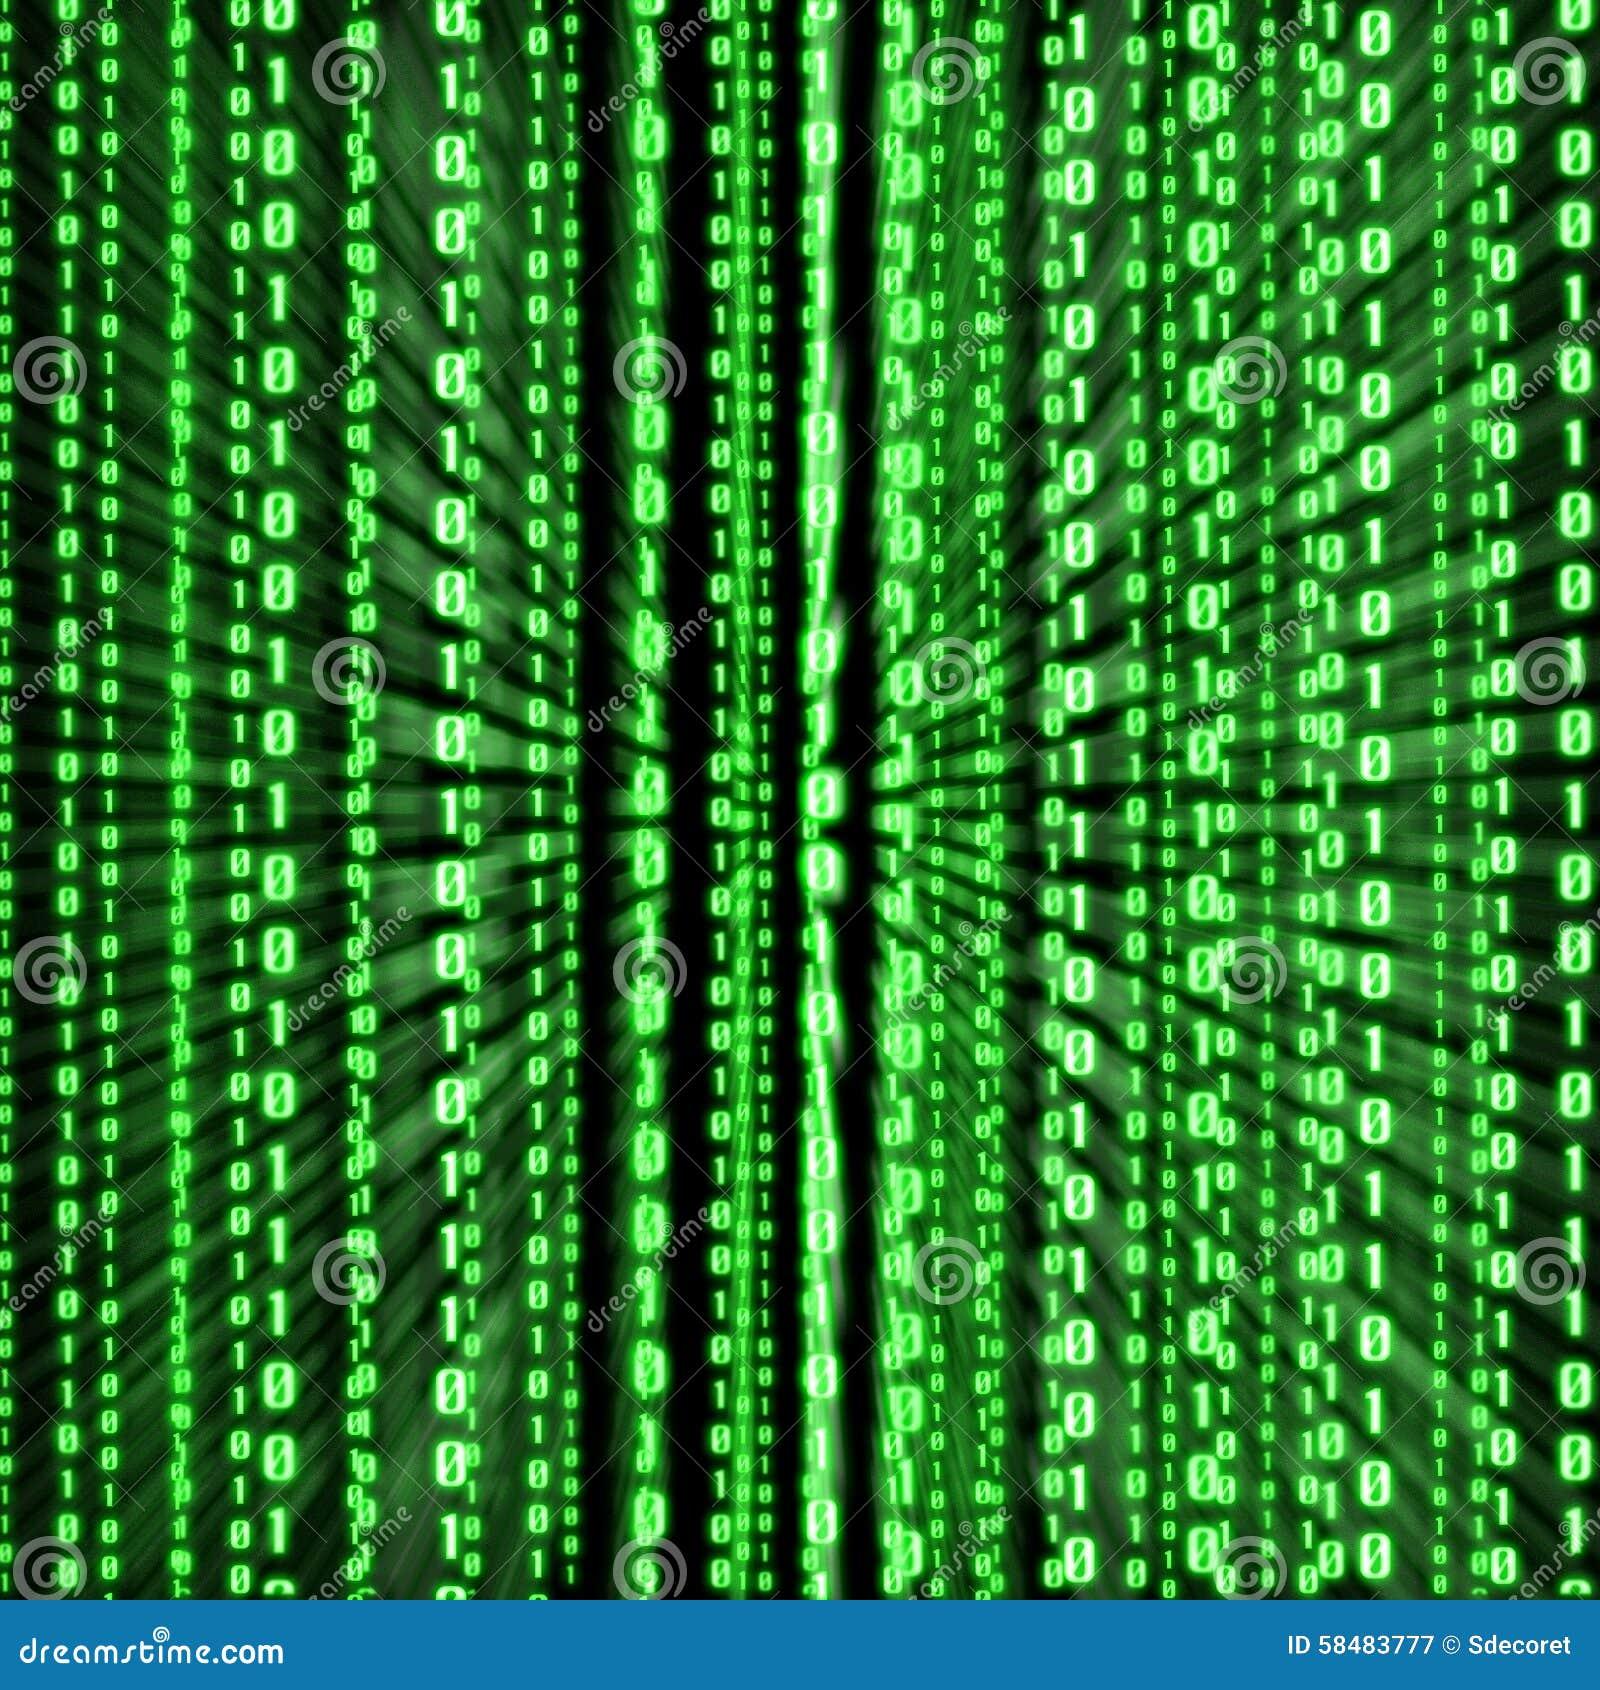 Ir con la descarga de opciones binarias verdes